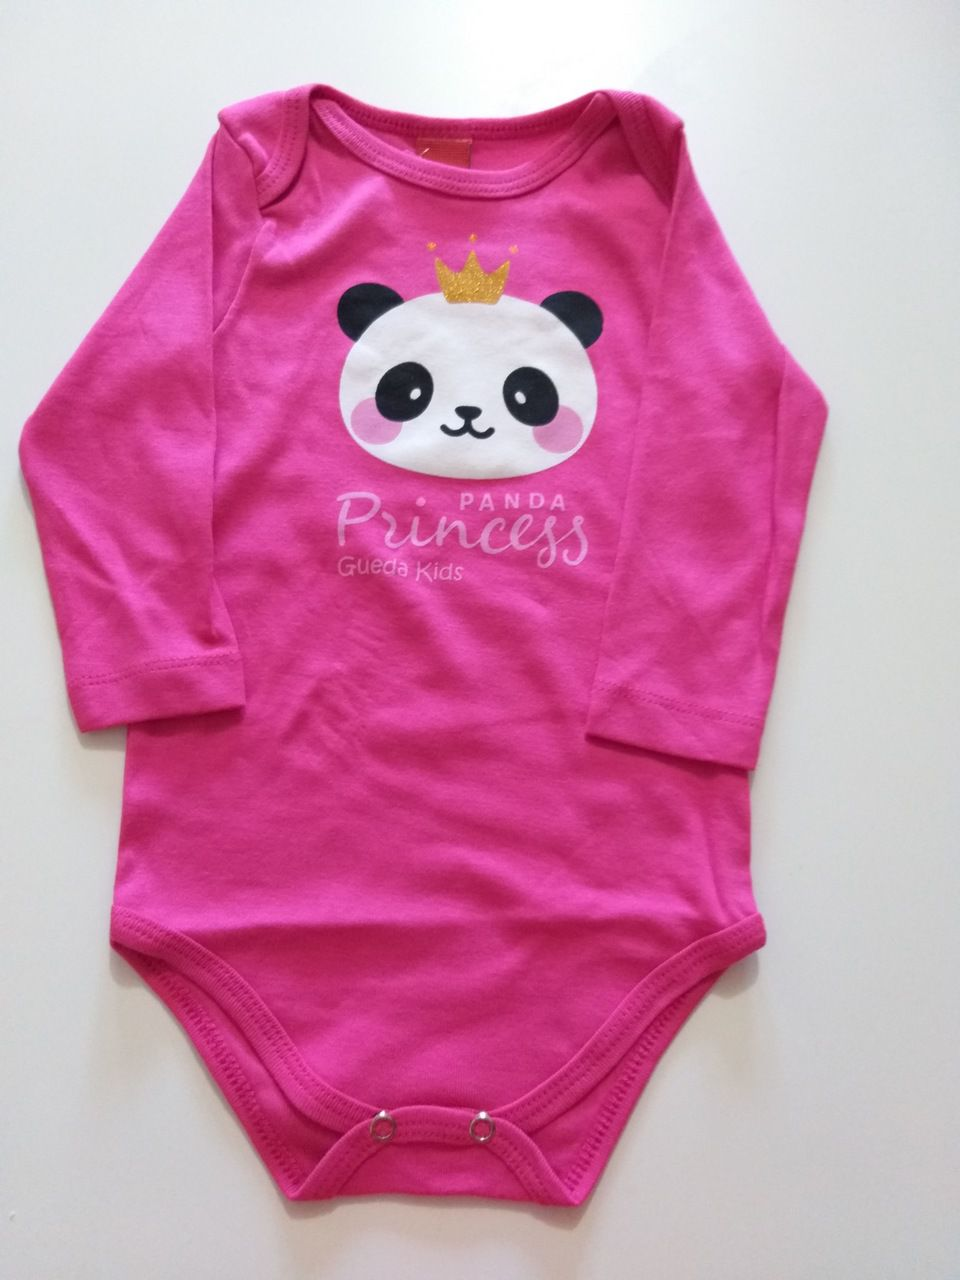 Conjunto Bebê Menina Inverno Panda, 2 peças - Gueda